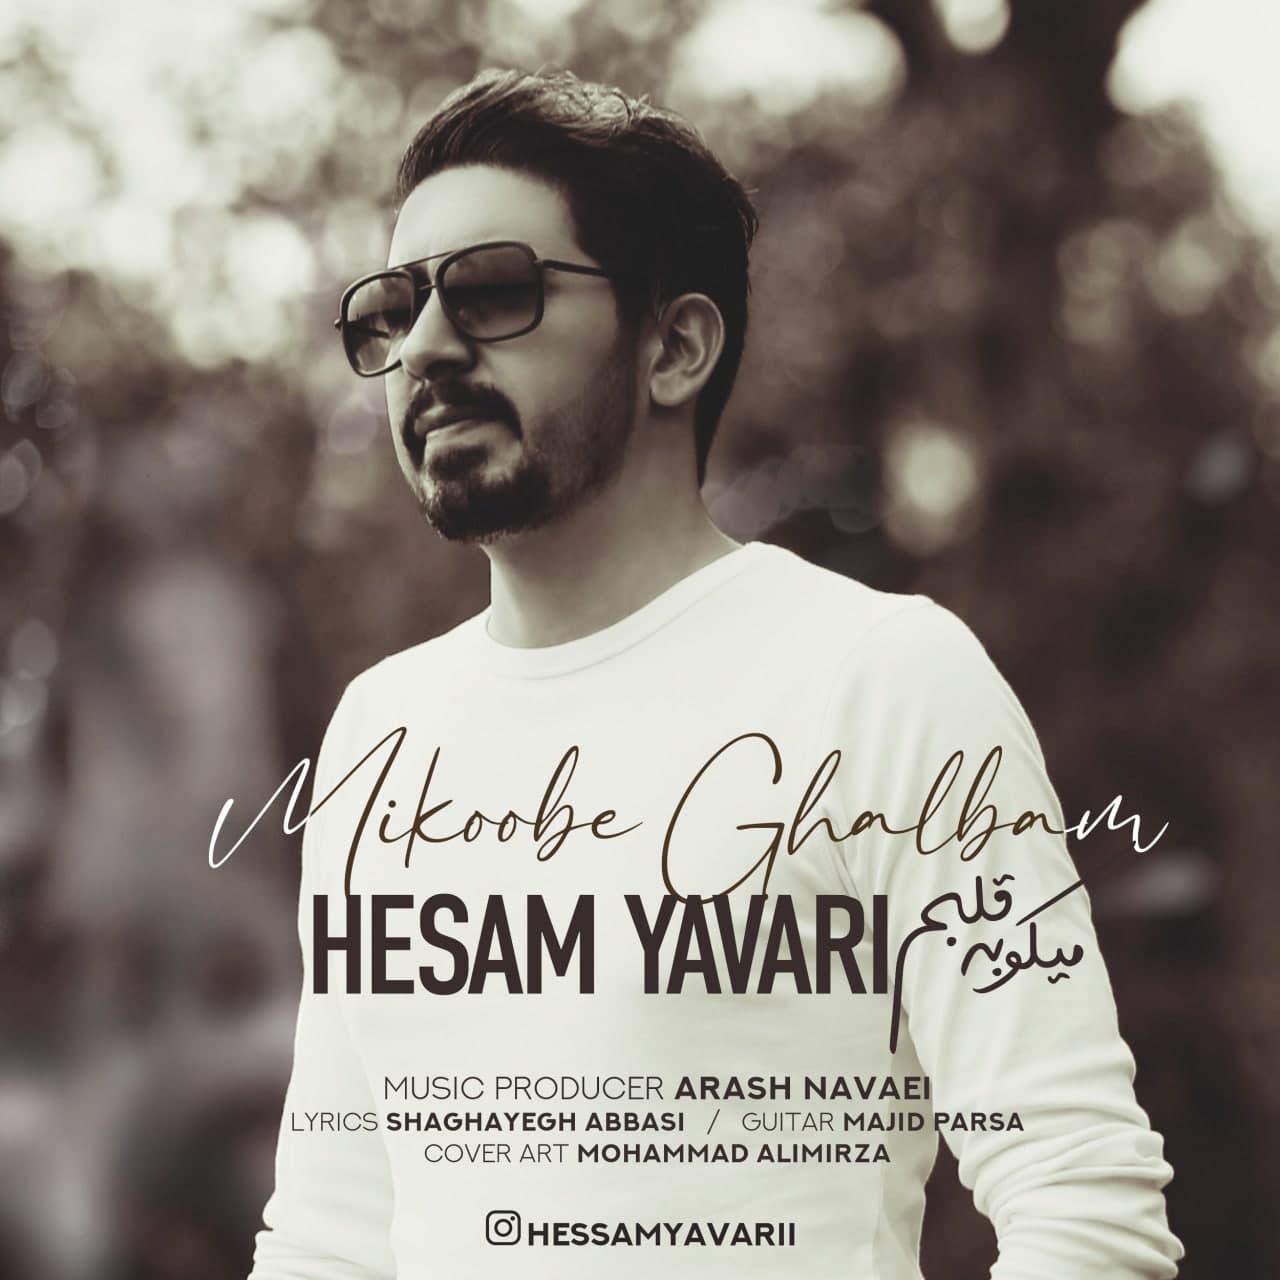 دانلود آهنگ جدید حسام یاوری بنام میکوبه قلبم